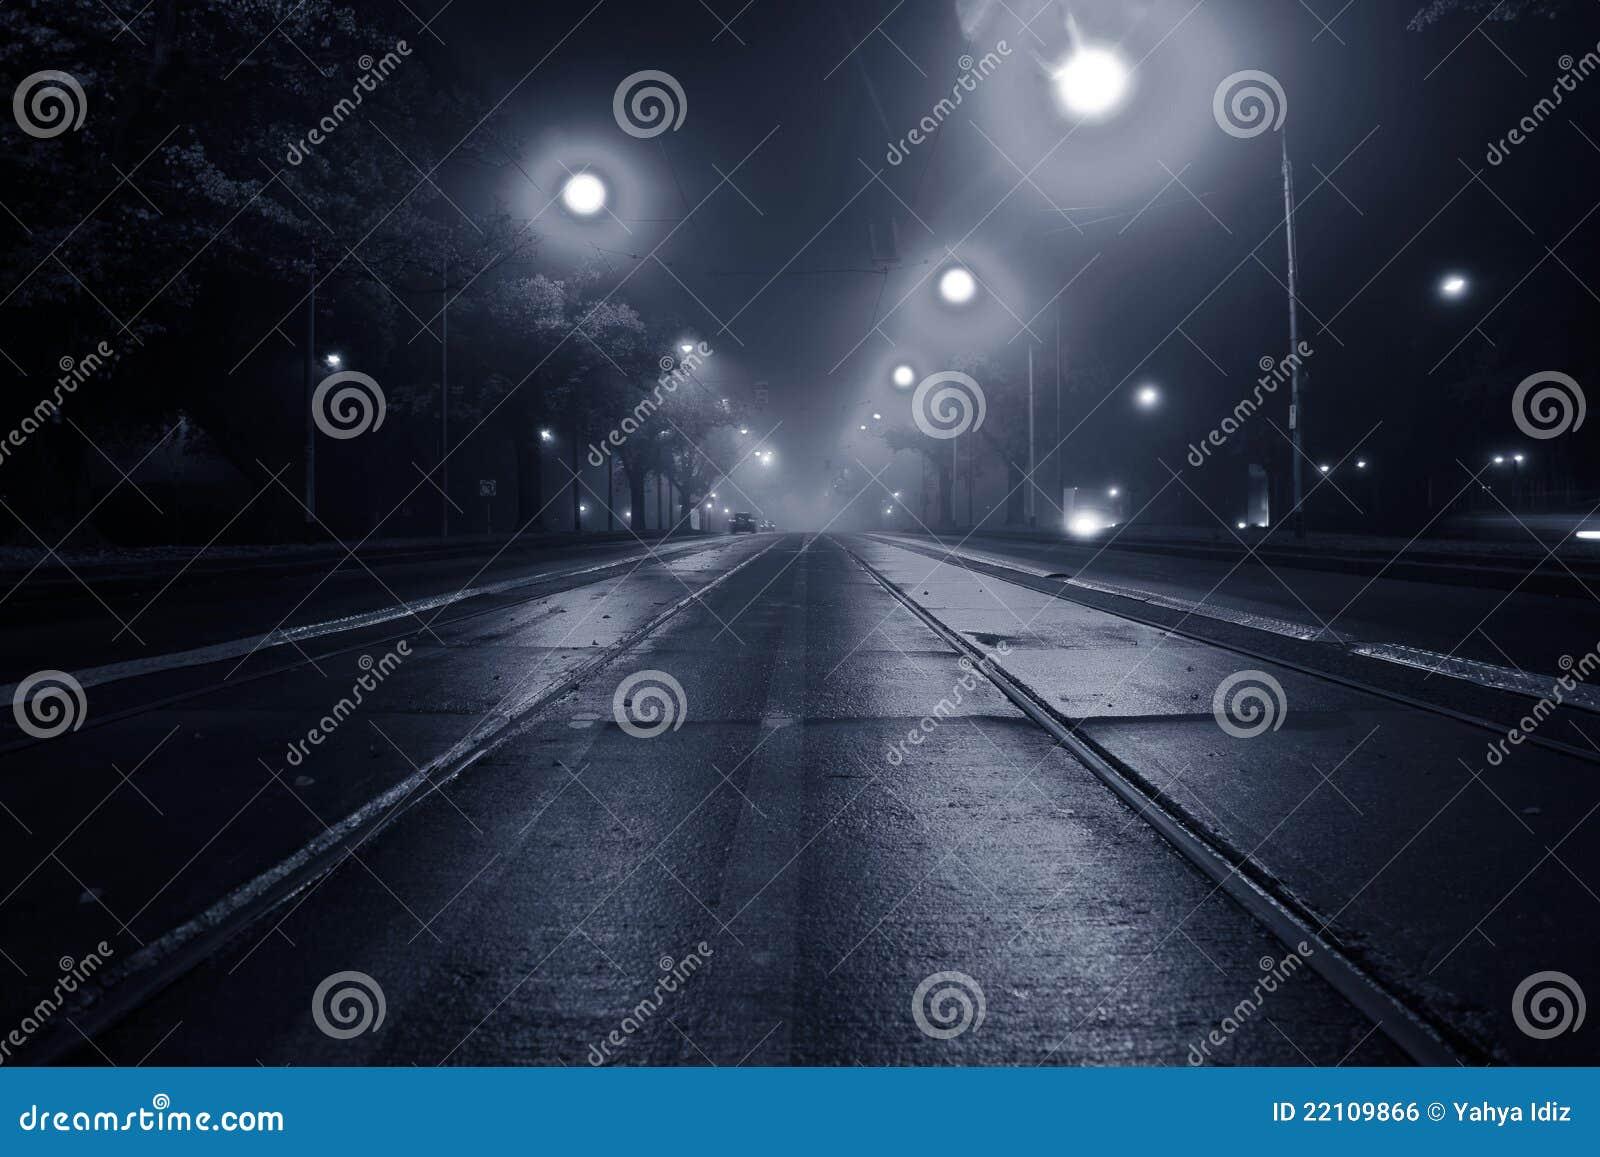 Nebel auf der Straße nachts